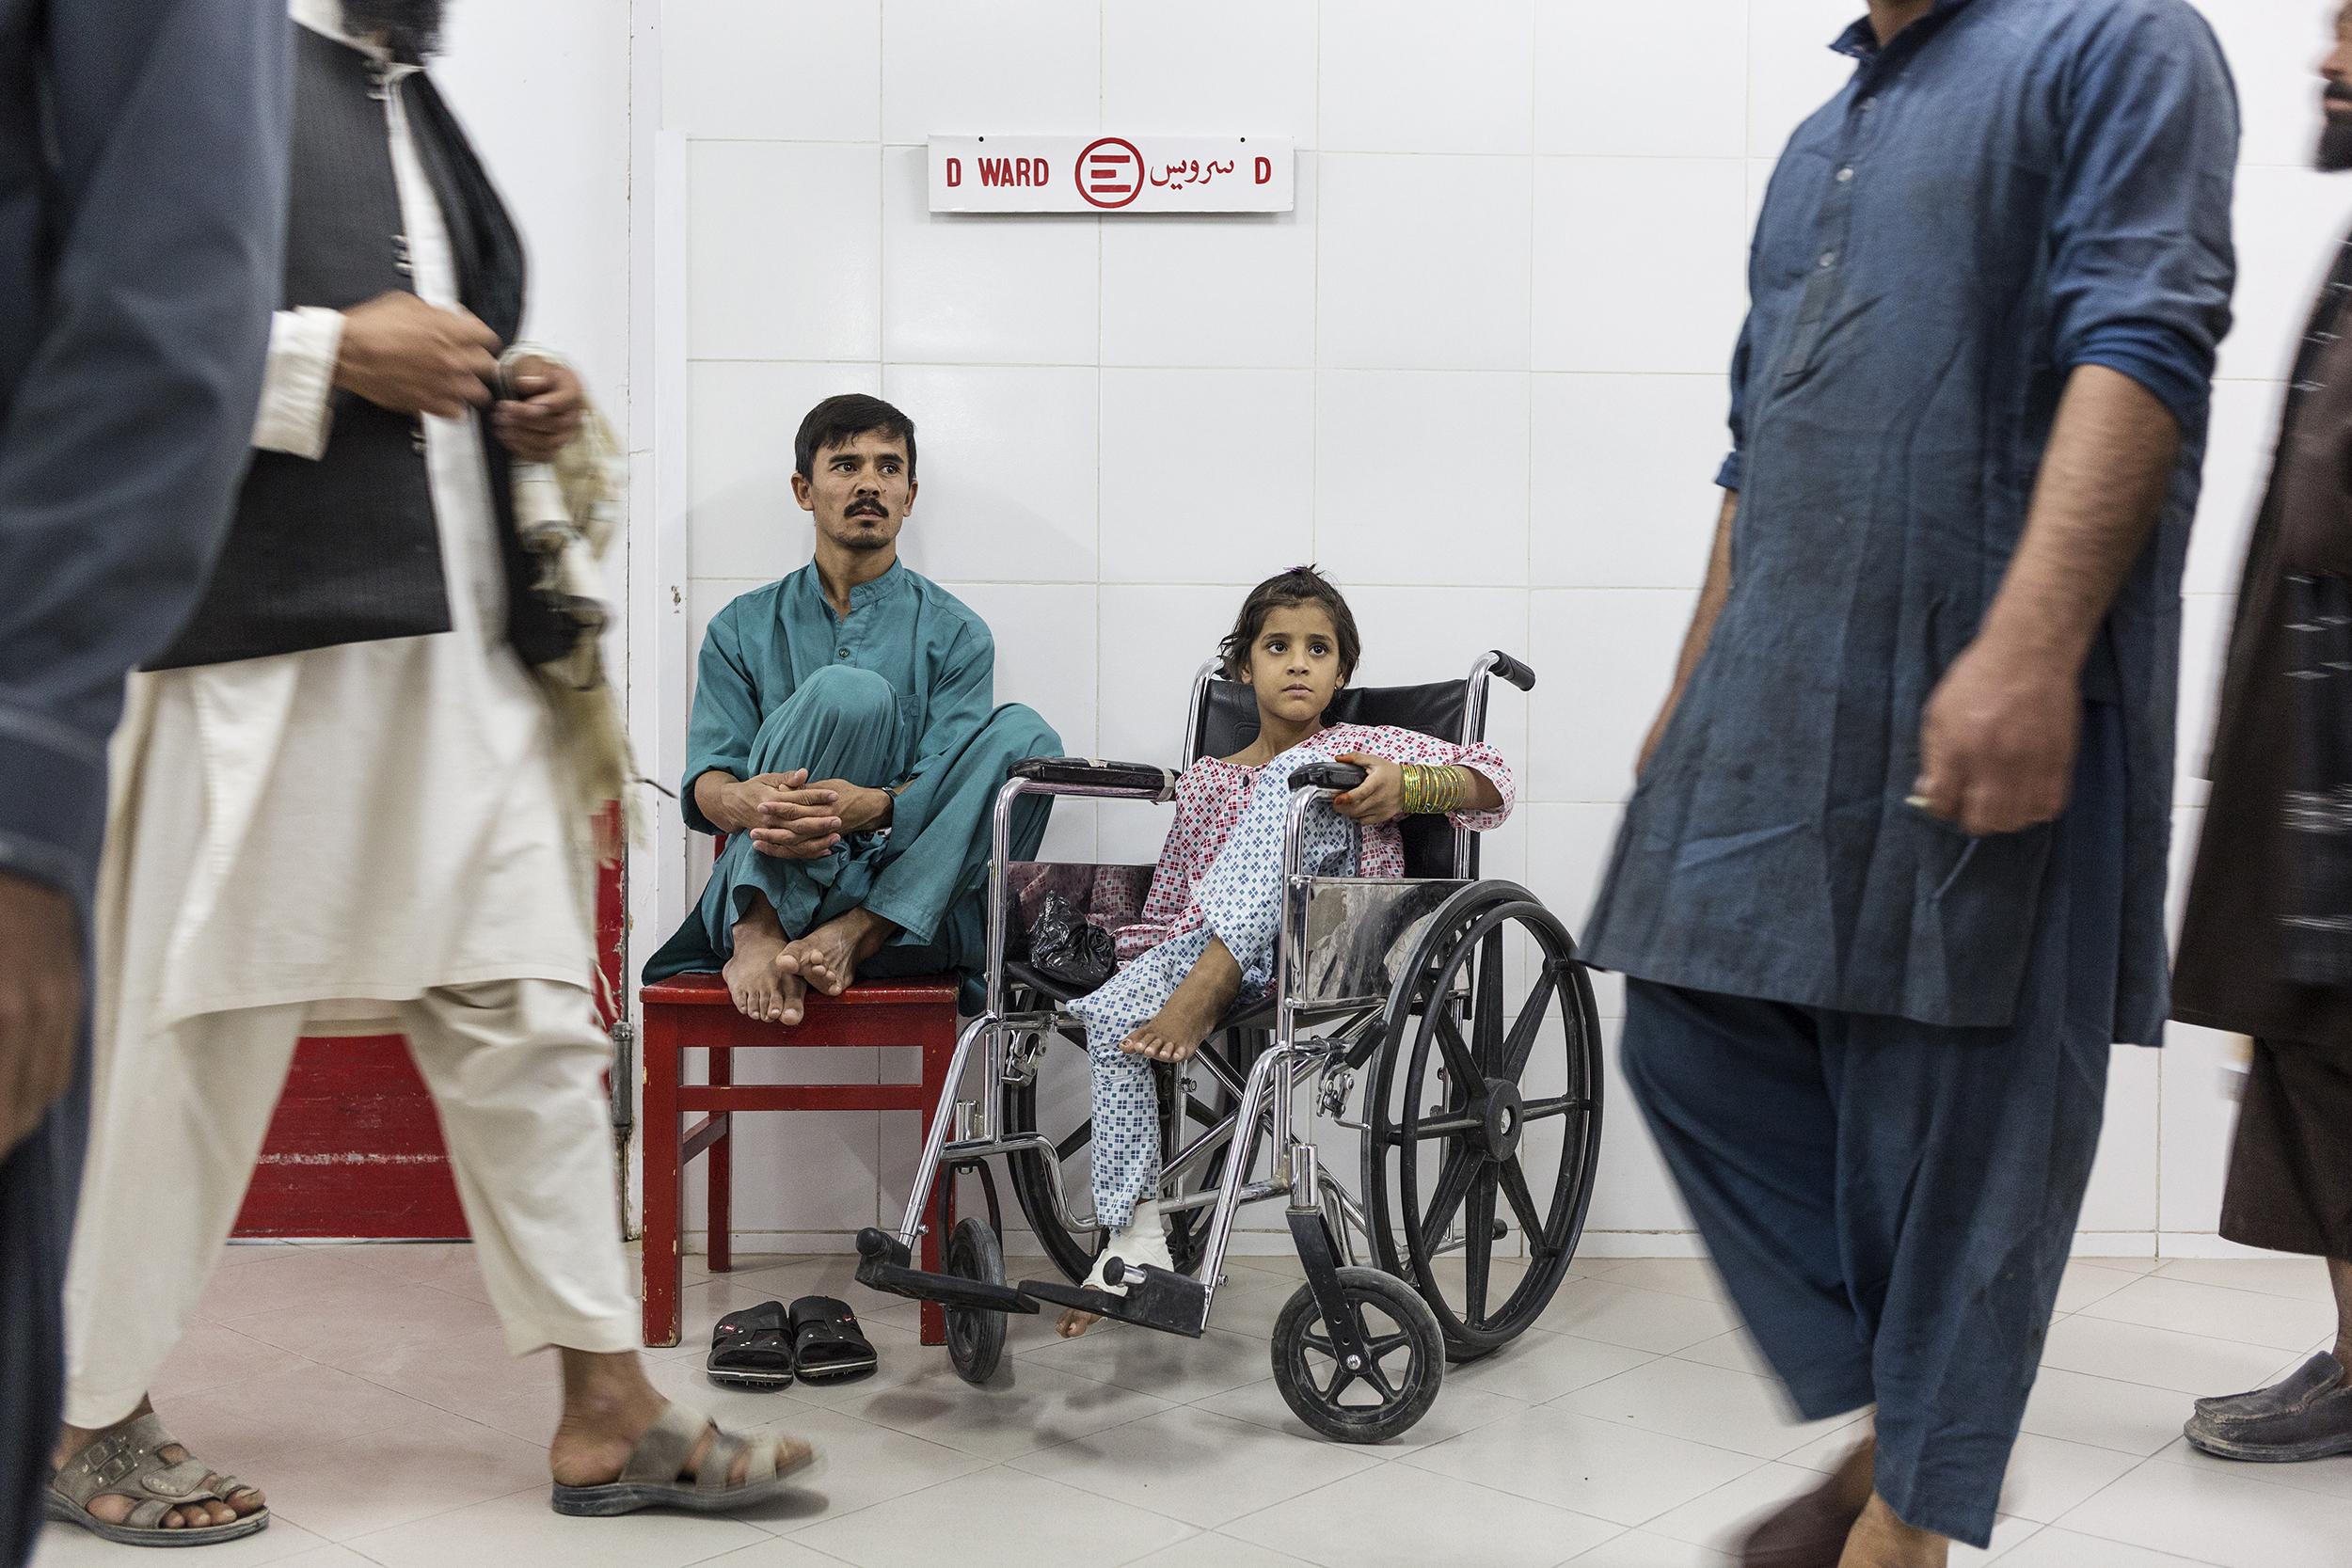 Zubaida attende insieme ad un inserviente dell'ospedale la fine dell'incontro con la famiglia della sua amica